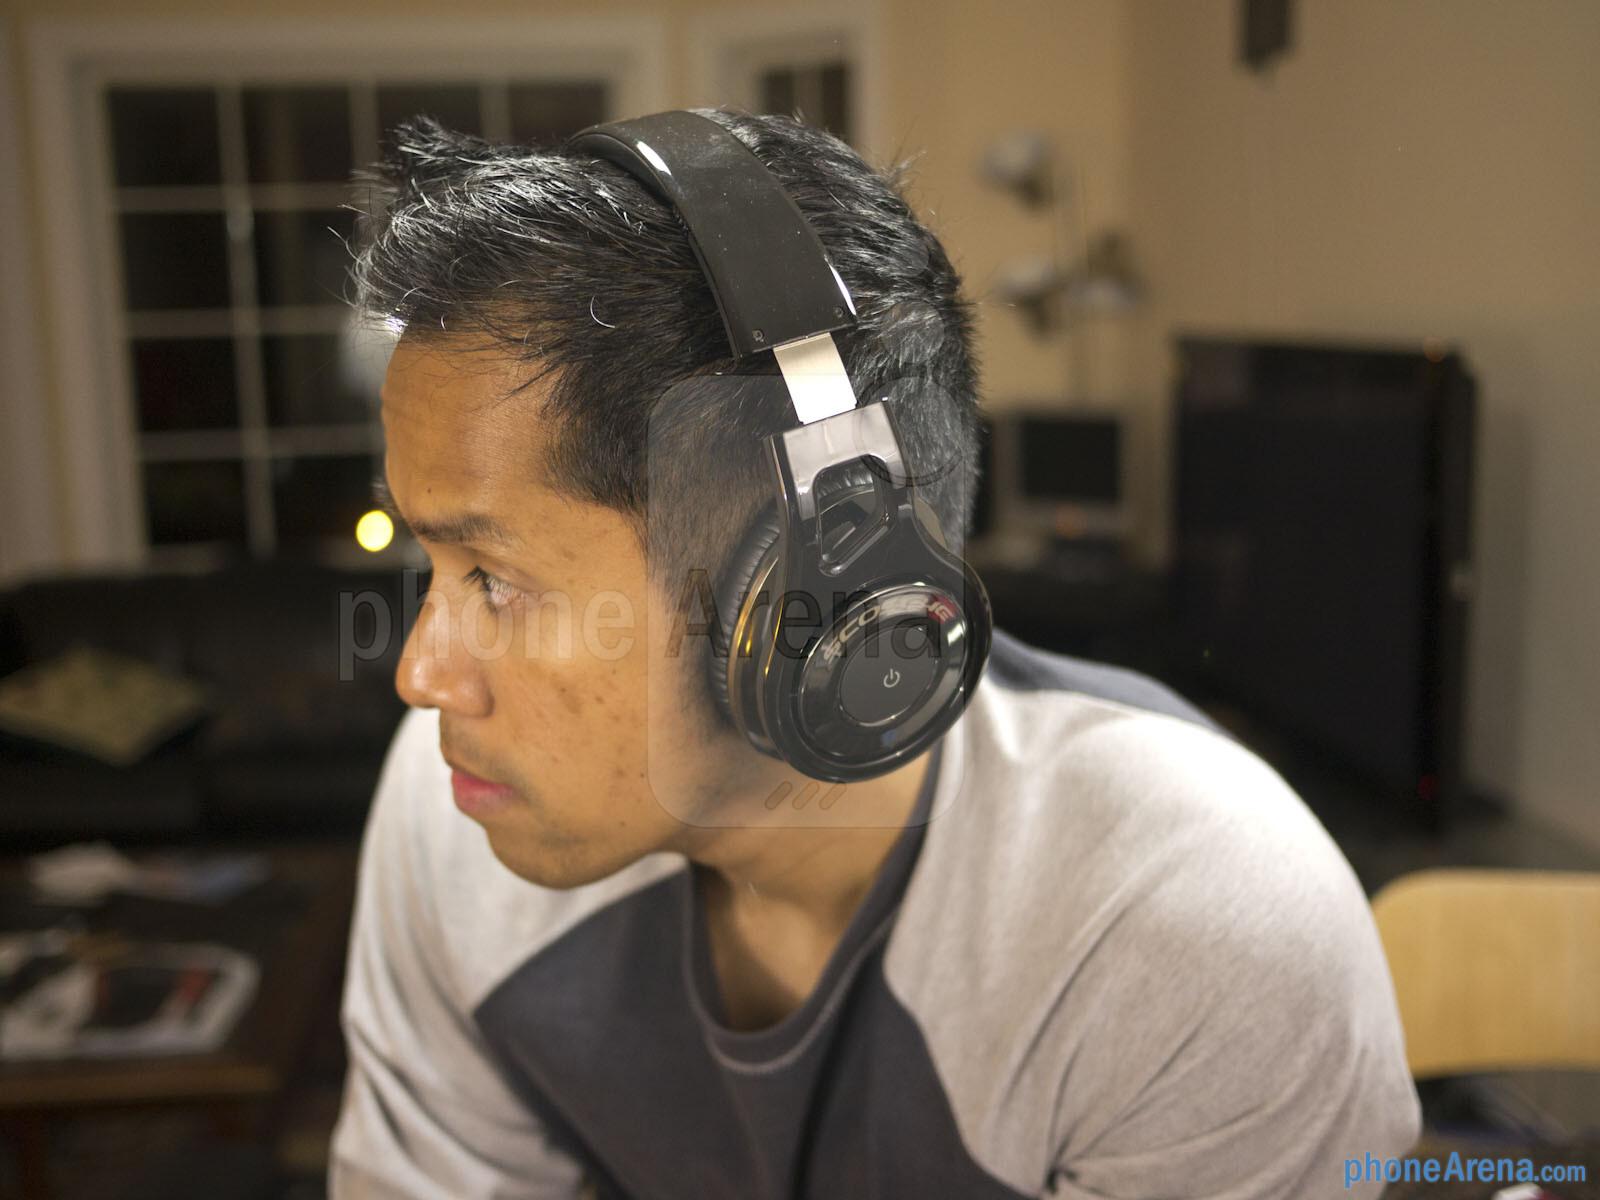 Watch How to Wear Headphones video